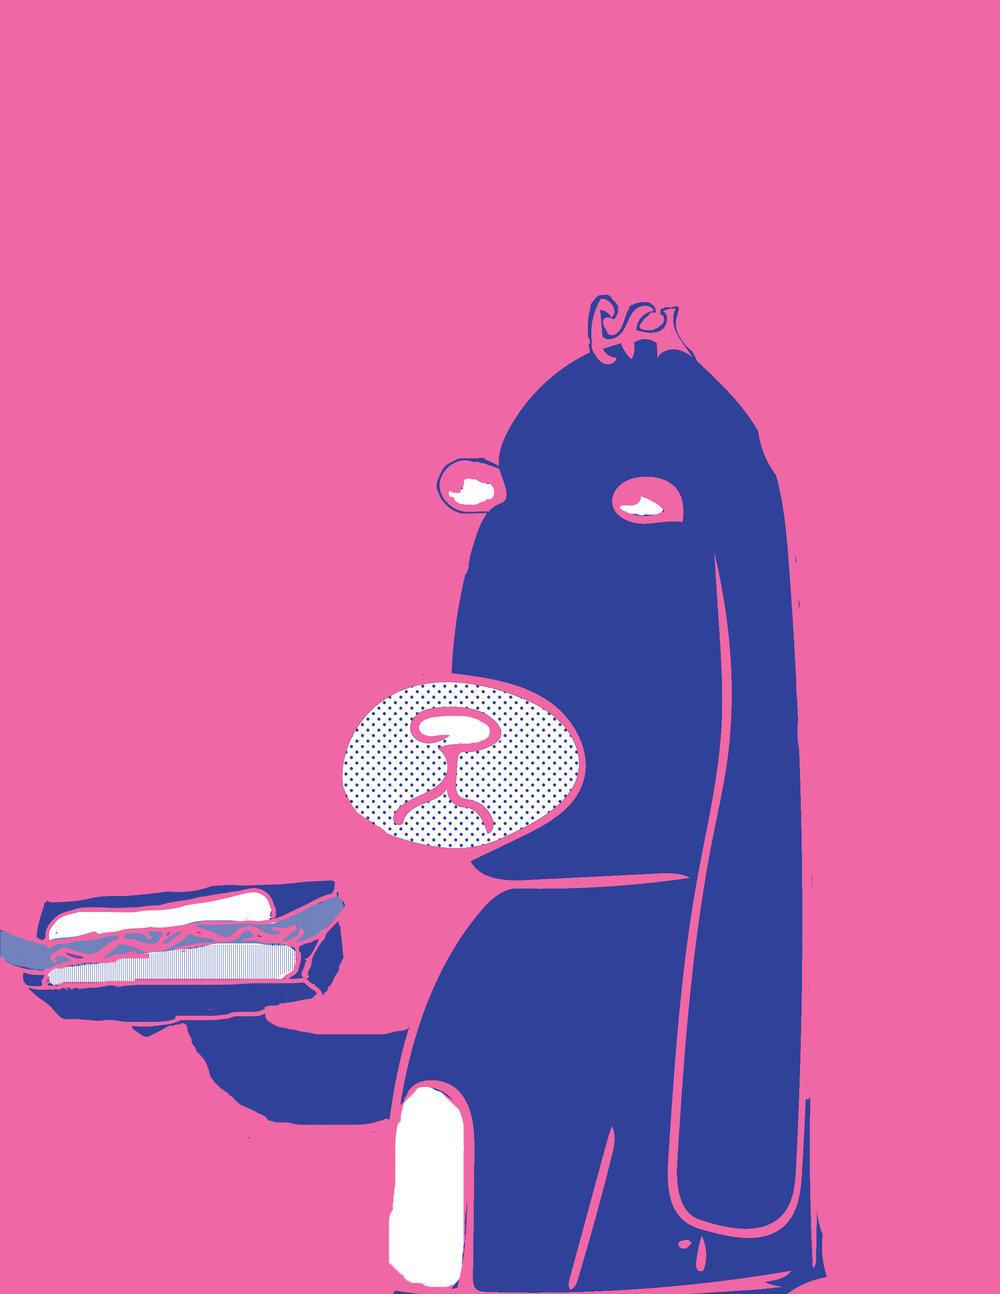 Hot dog dog.jpg